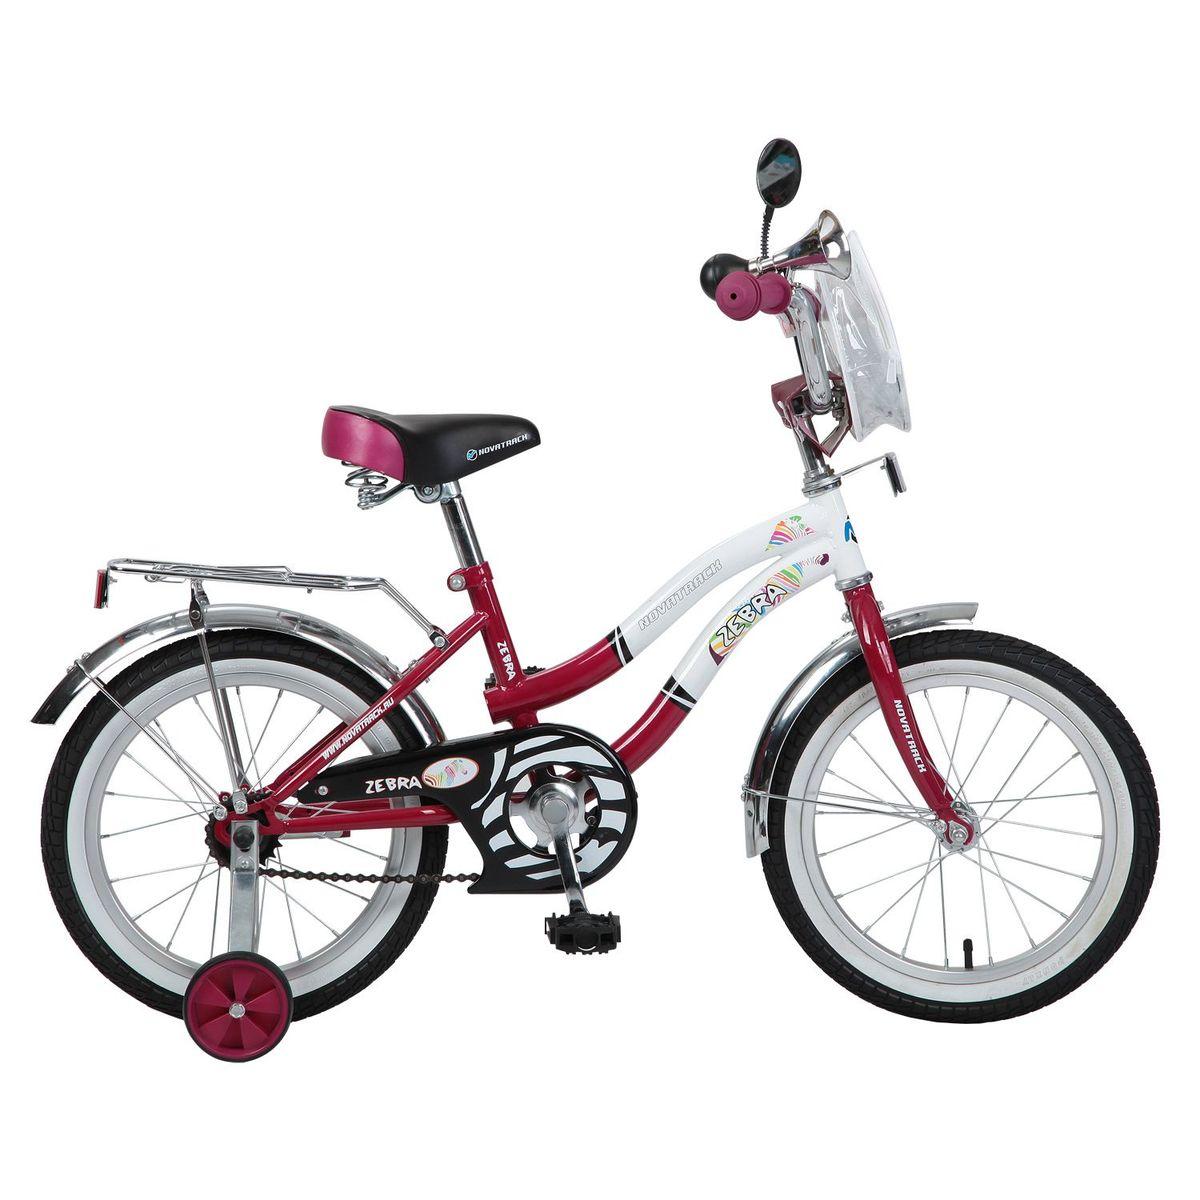 Велосипед детский Novatrack Zebra, цвет: бордовый, белый, 16125BOISTER.GN5Велосипед Novatrack Zebra c 16-дюймовыми колесами это надежный велосипед для ребят от 5 до 7 лет. Данная модель специально разработана для начинающих велосипедистов: дополнительные колеса, которые можно будет снять, когда ребенок научится держать равновесие, блестящий багажник для перевозки игрушек, надежный ножной тормоз, защита цепи от попадания одежды в механизм - все это сделает каждую поездку юного велосипедиста комфортной и безопасной. Маленькому велосипедисту, будь то мальчик или девочка, обязательно понравятся блестящий звонок и зеркальце заднего вида, которые установлены на руле велосипеда. Высота сидения и руля регулируются, поэтому велосипед прослужит ребенку не один год.Какой велосипед выбрать? Статья OZON Гид